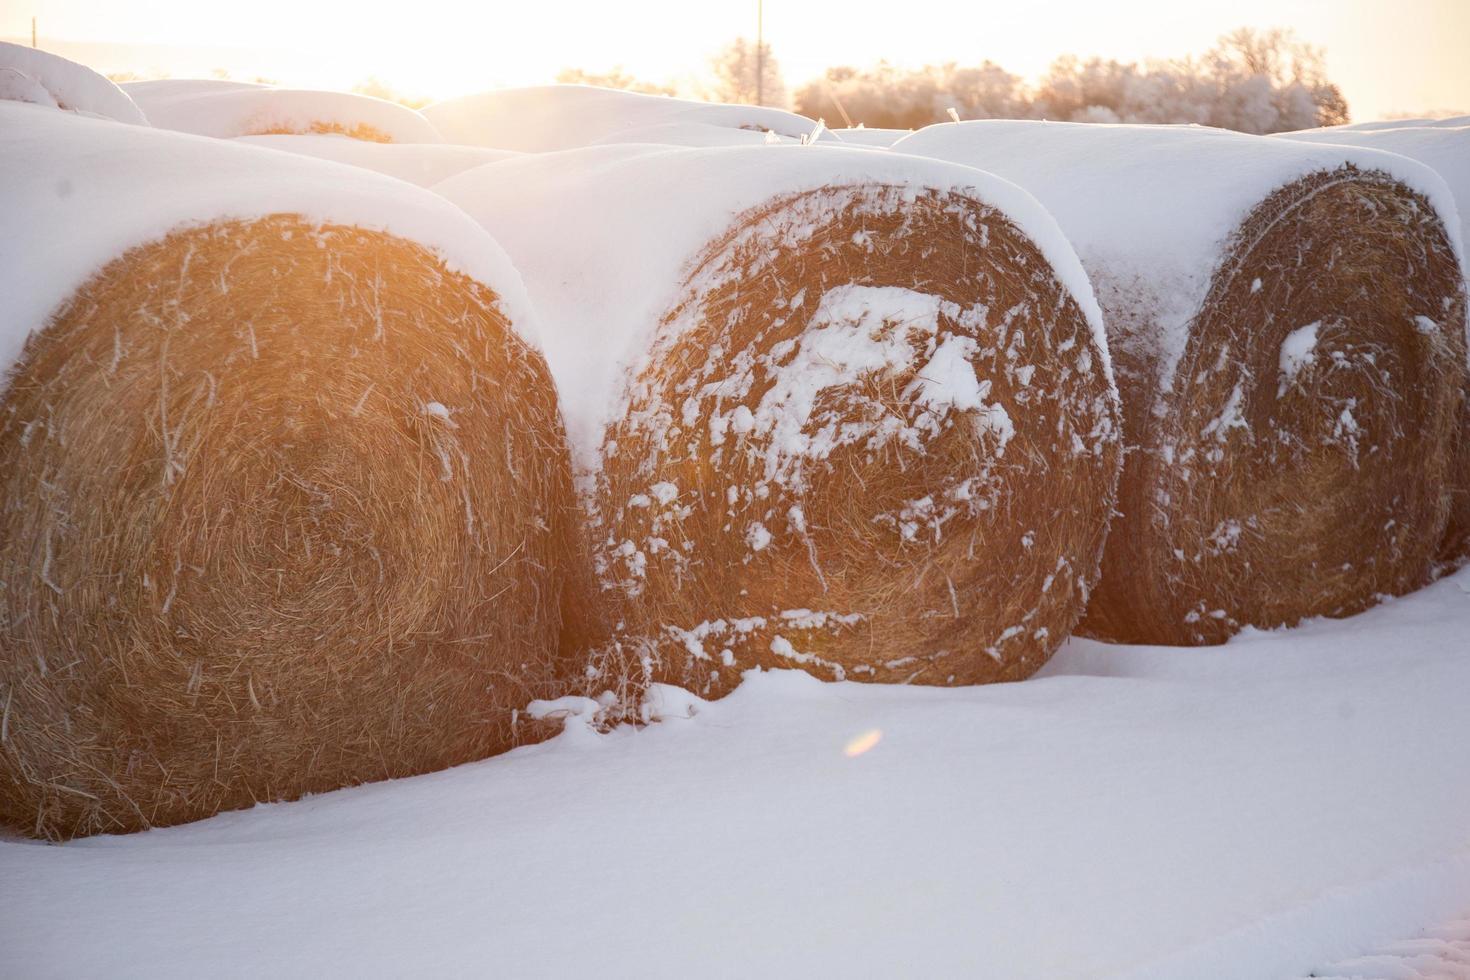 borgtocht van hooi bij zonsopgang in de sneeuw foto